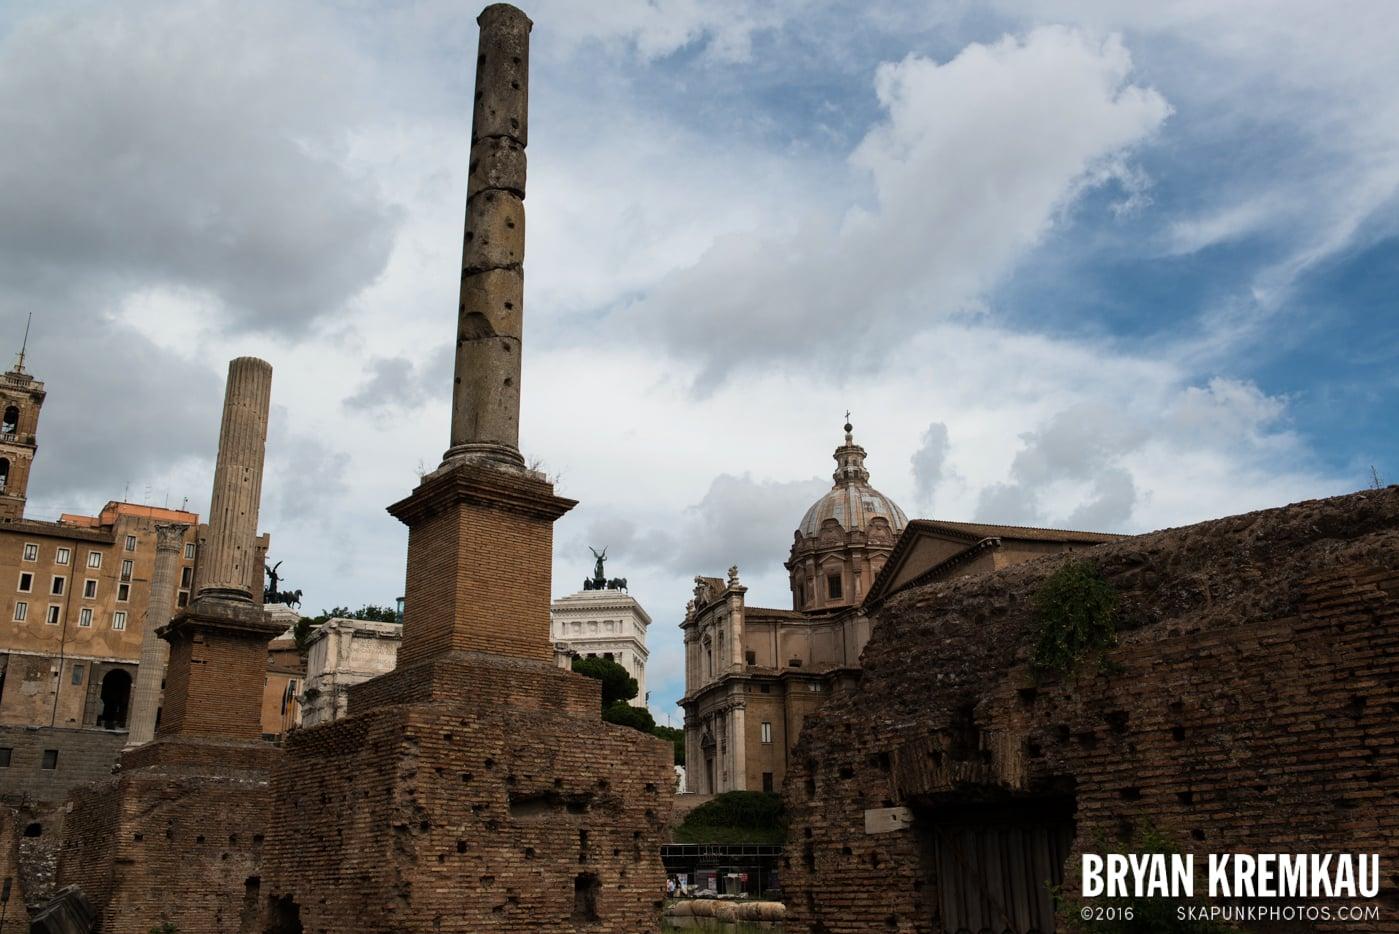 Italy Vacation - Day 2: Rome - 9.10.13 (105)